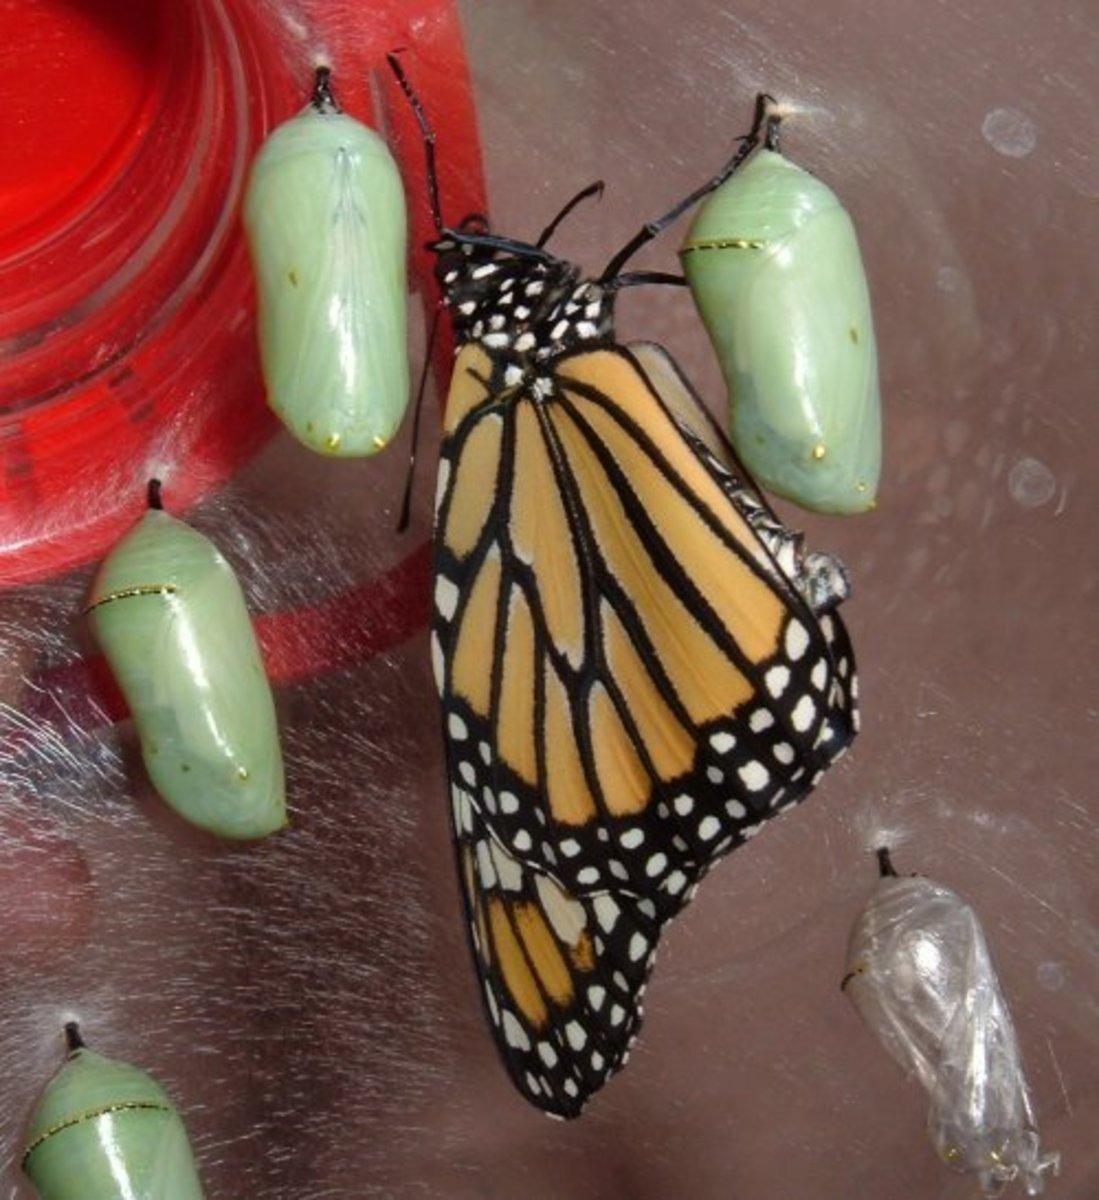 How to Attract Monarch Butterflies to Your Garden: Grow Milkweed